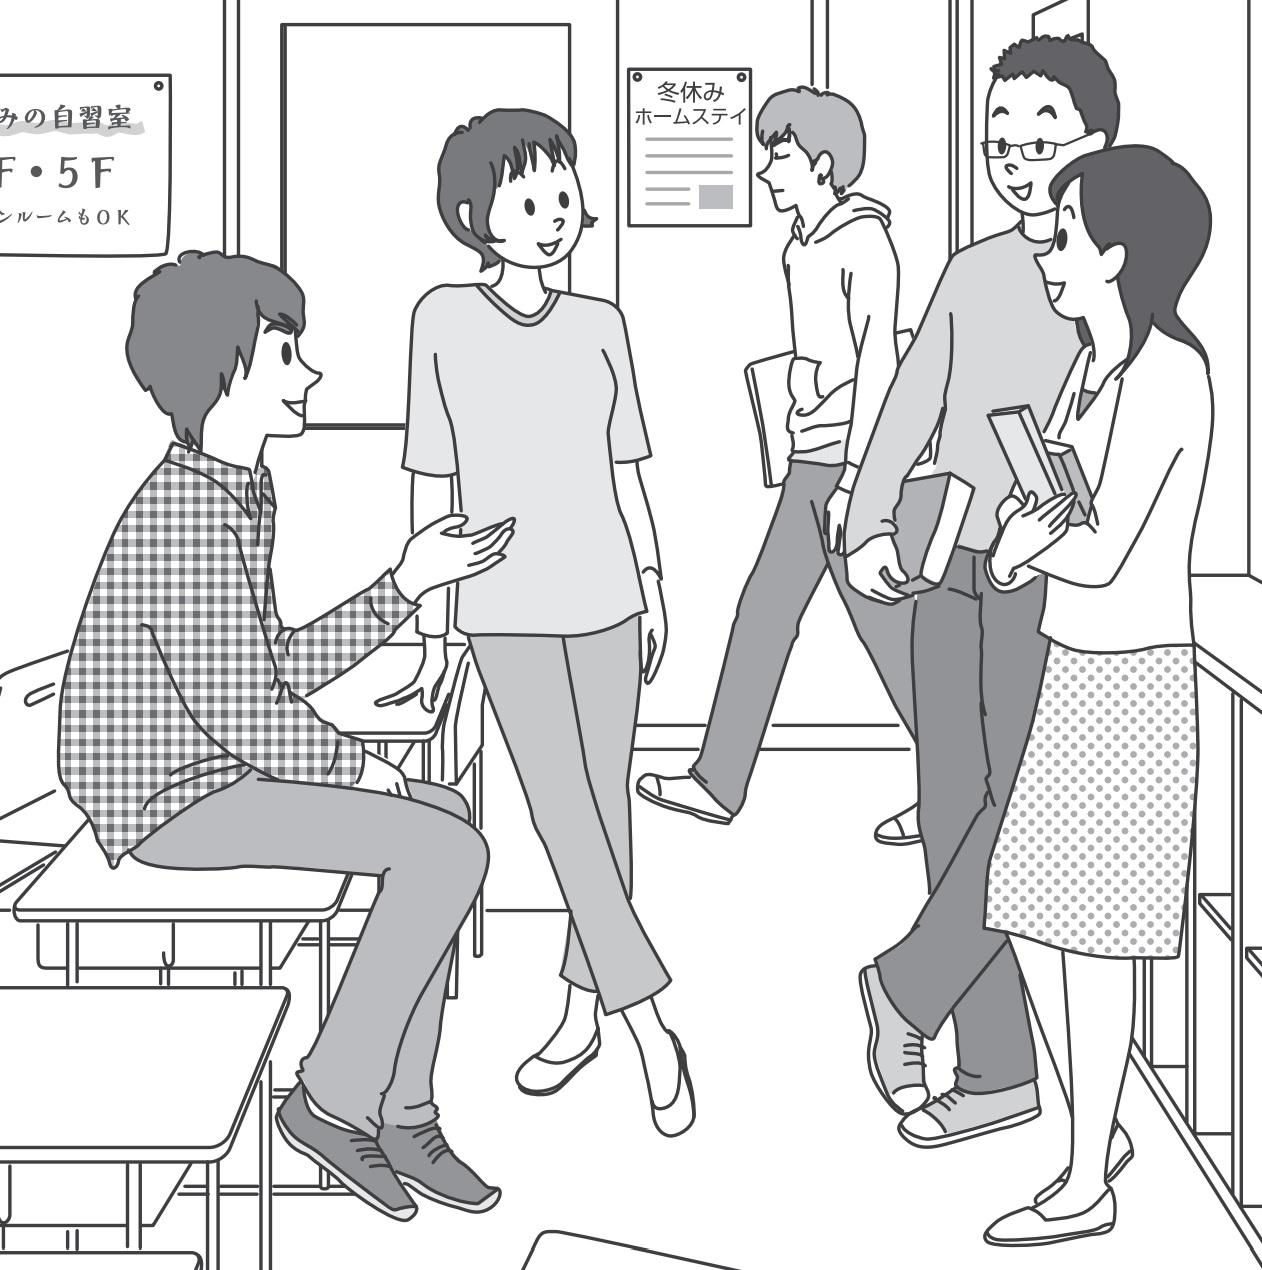 旅行に行こう(L6-1-1)